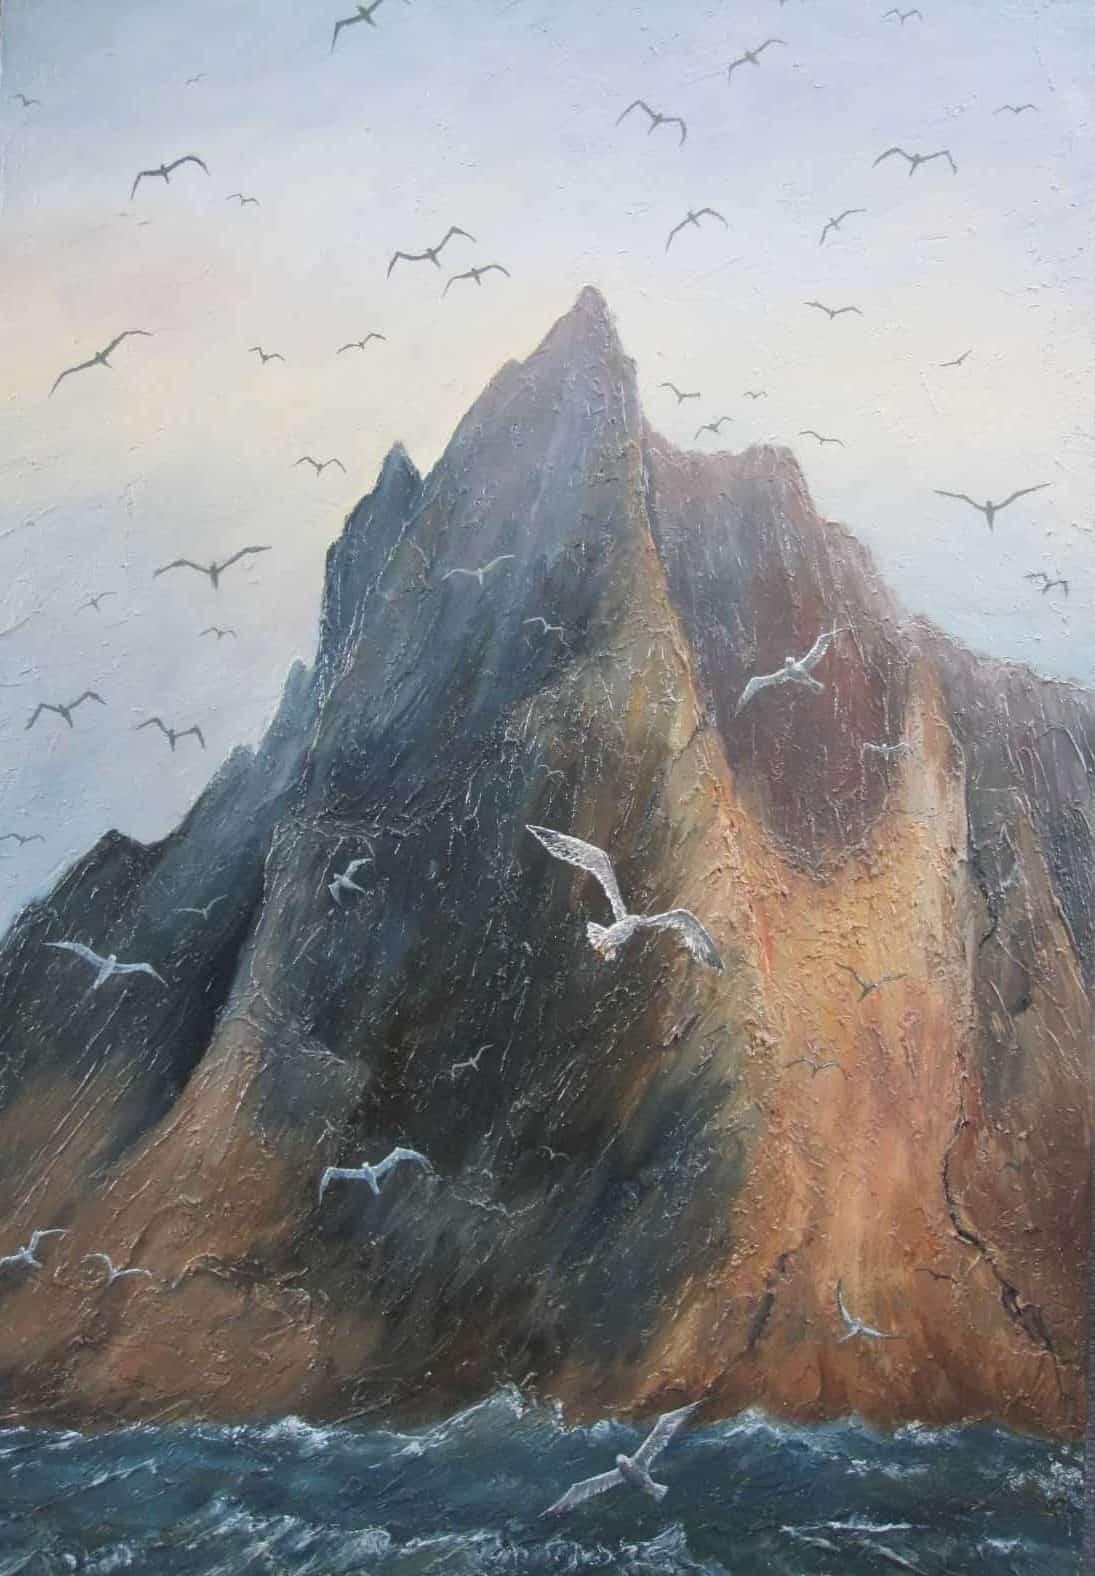 Scottish Island with seabirds Image